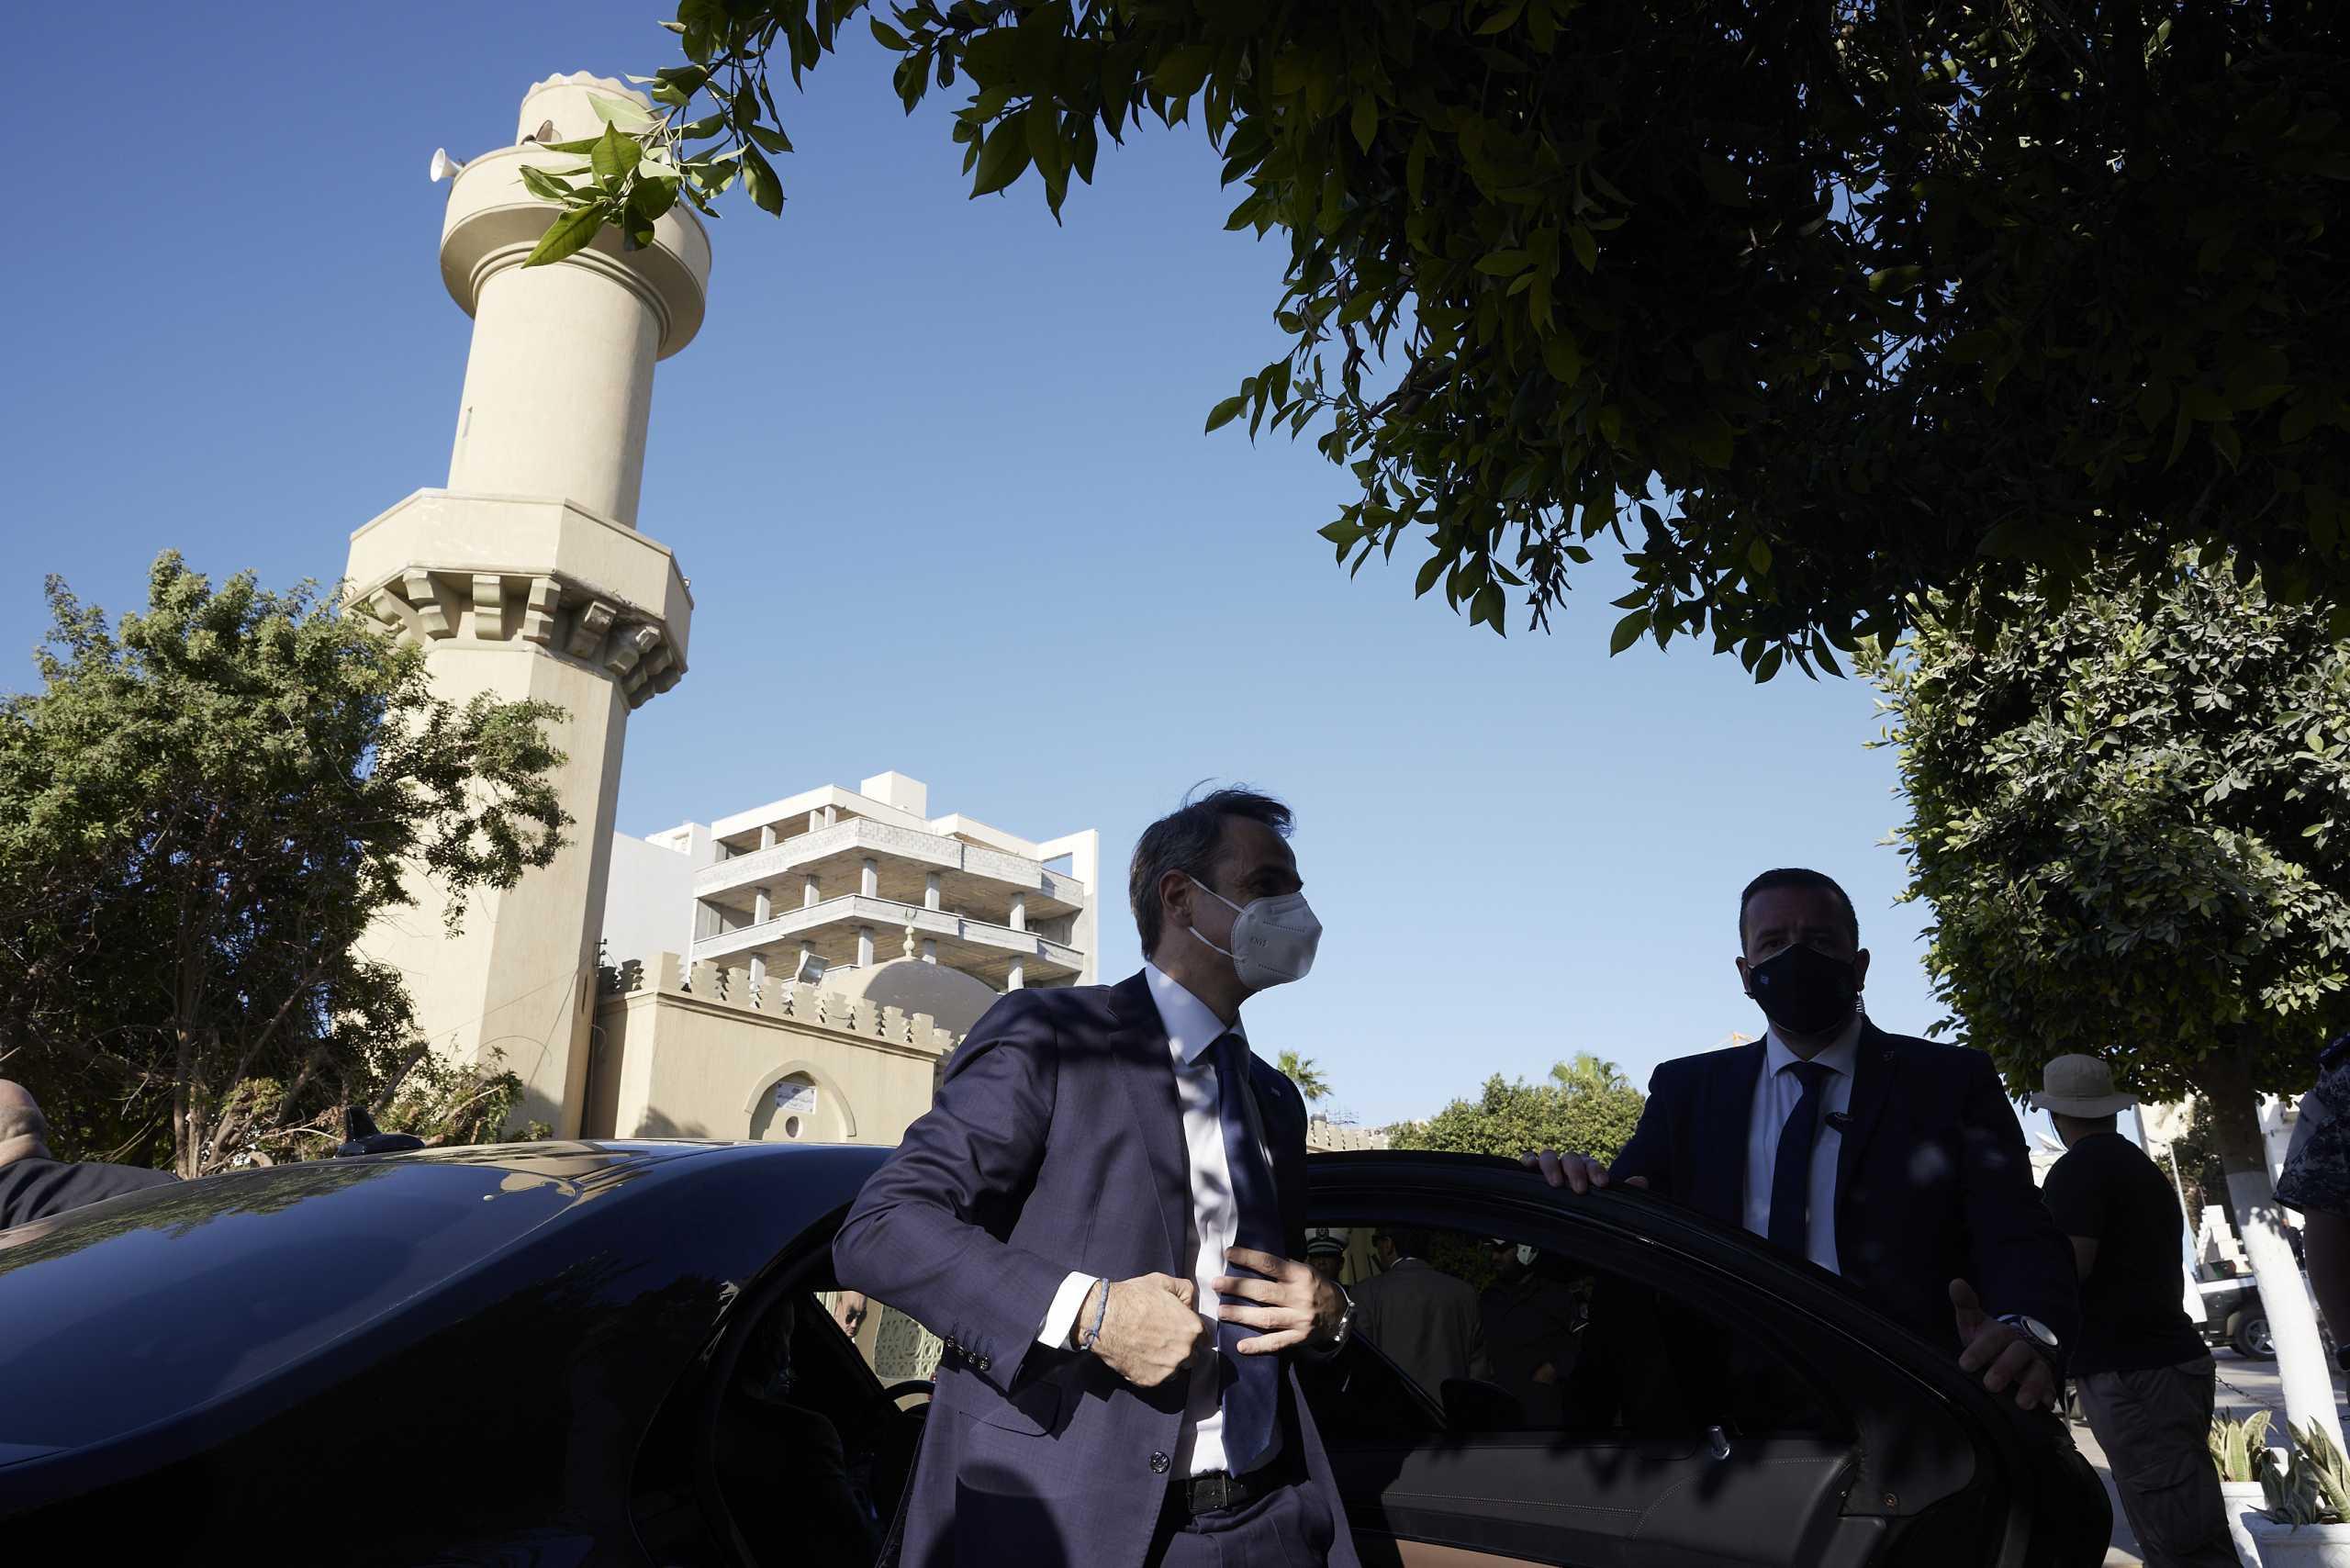 Μητσοτάκης: Στήριξη στη «νέα Λιβύη» και σαφή μηνύματα για το παράνομο μνημόνιο με την Τουρκία